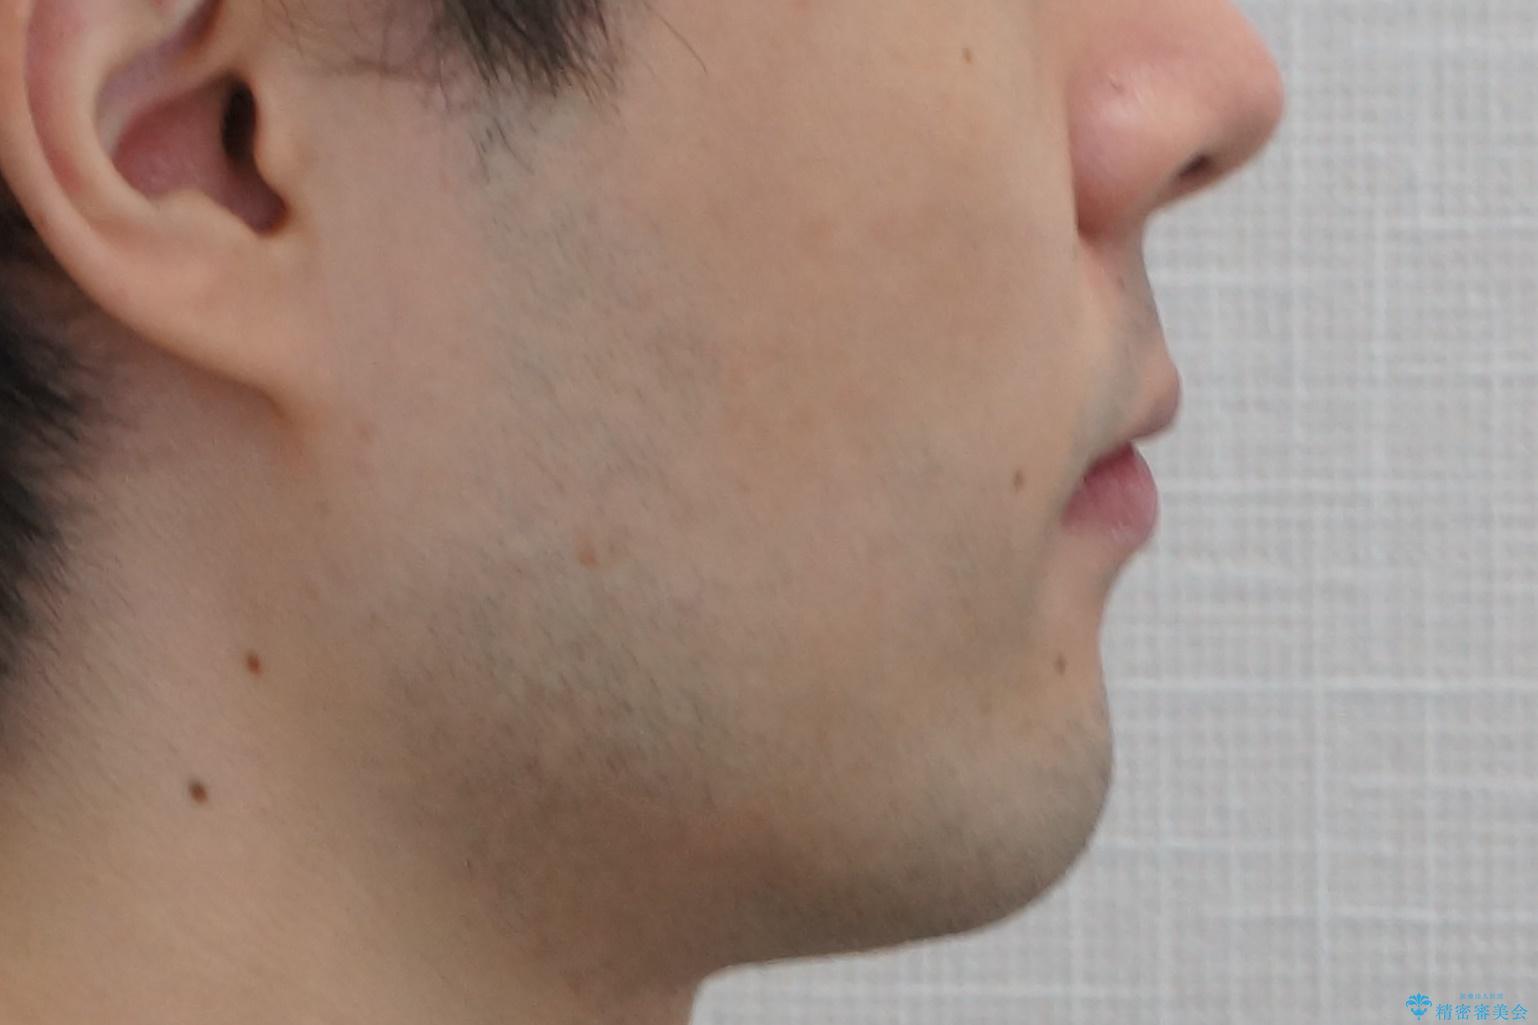 前歯のがたつき・すれちがい咬合を非抜歯で。流行の、格安マウスピースでは難しい、ワンランク上の治療の治療後(顔貌)